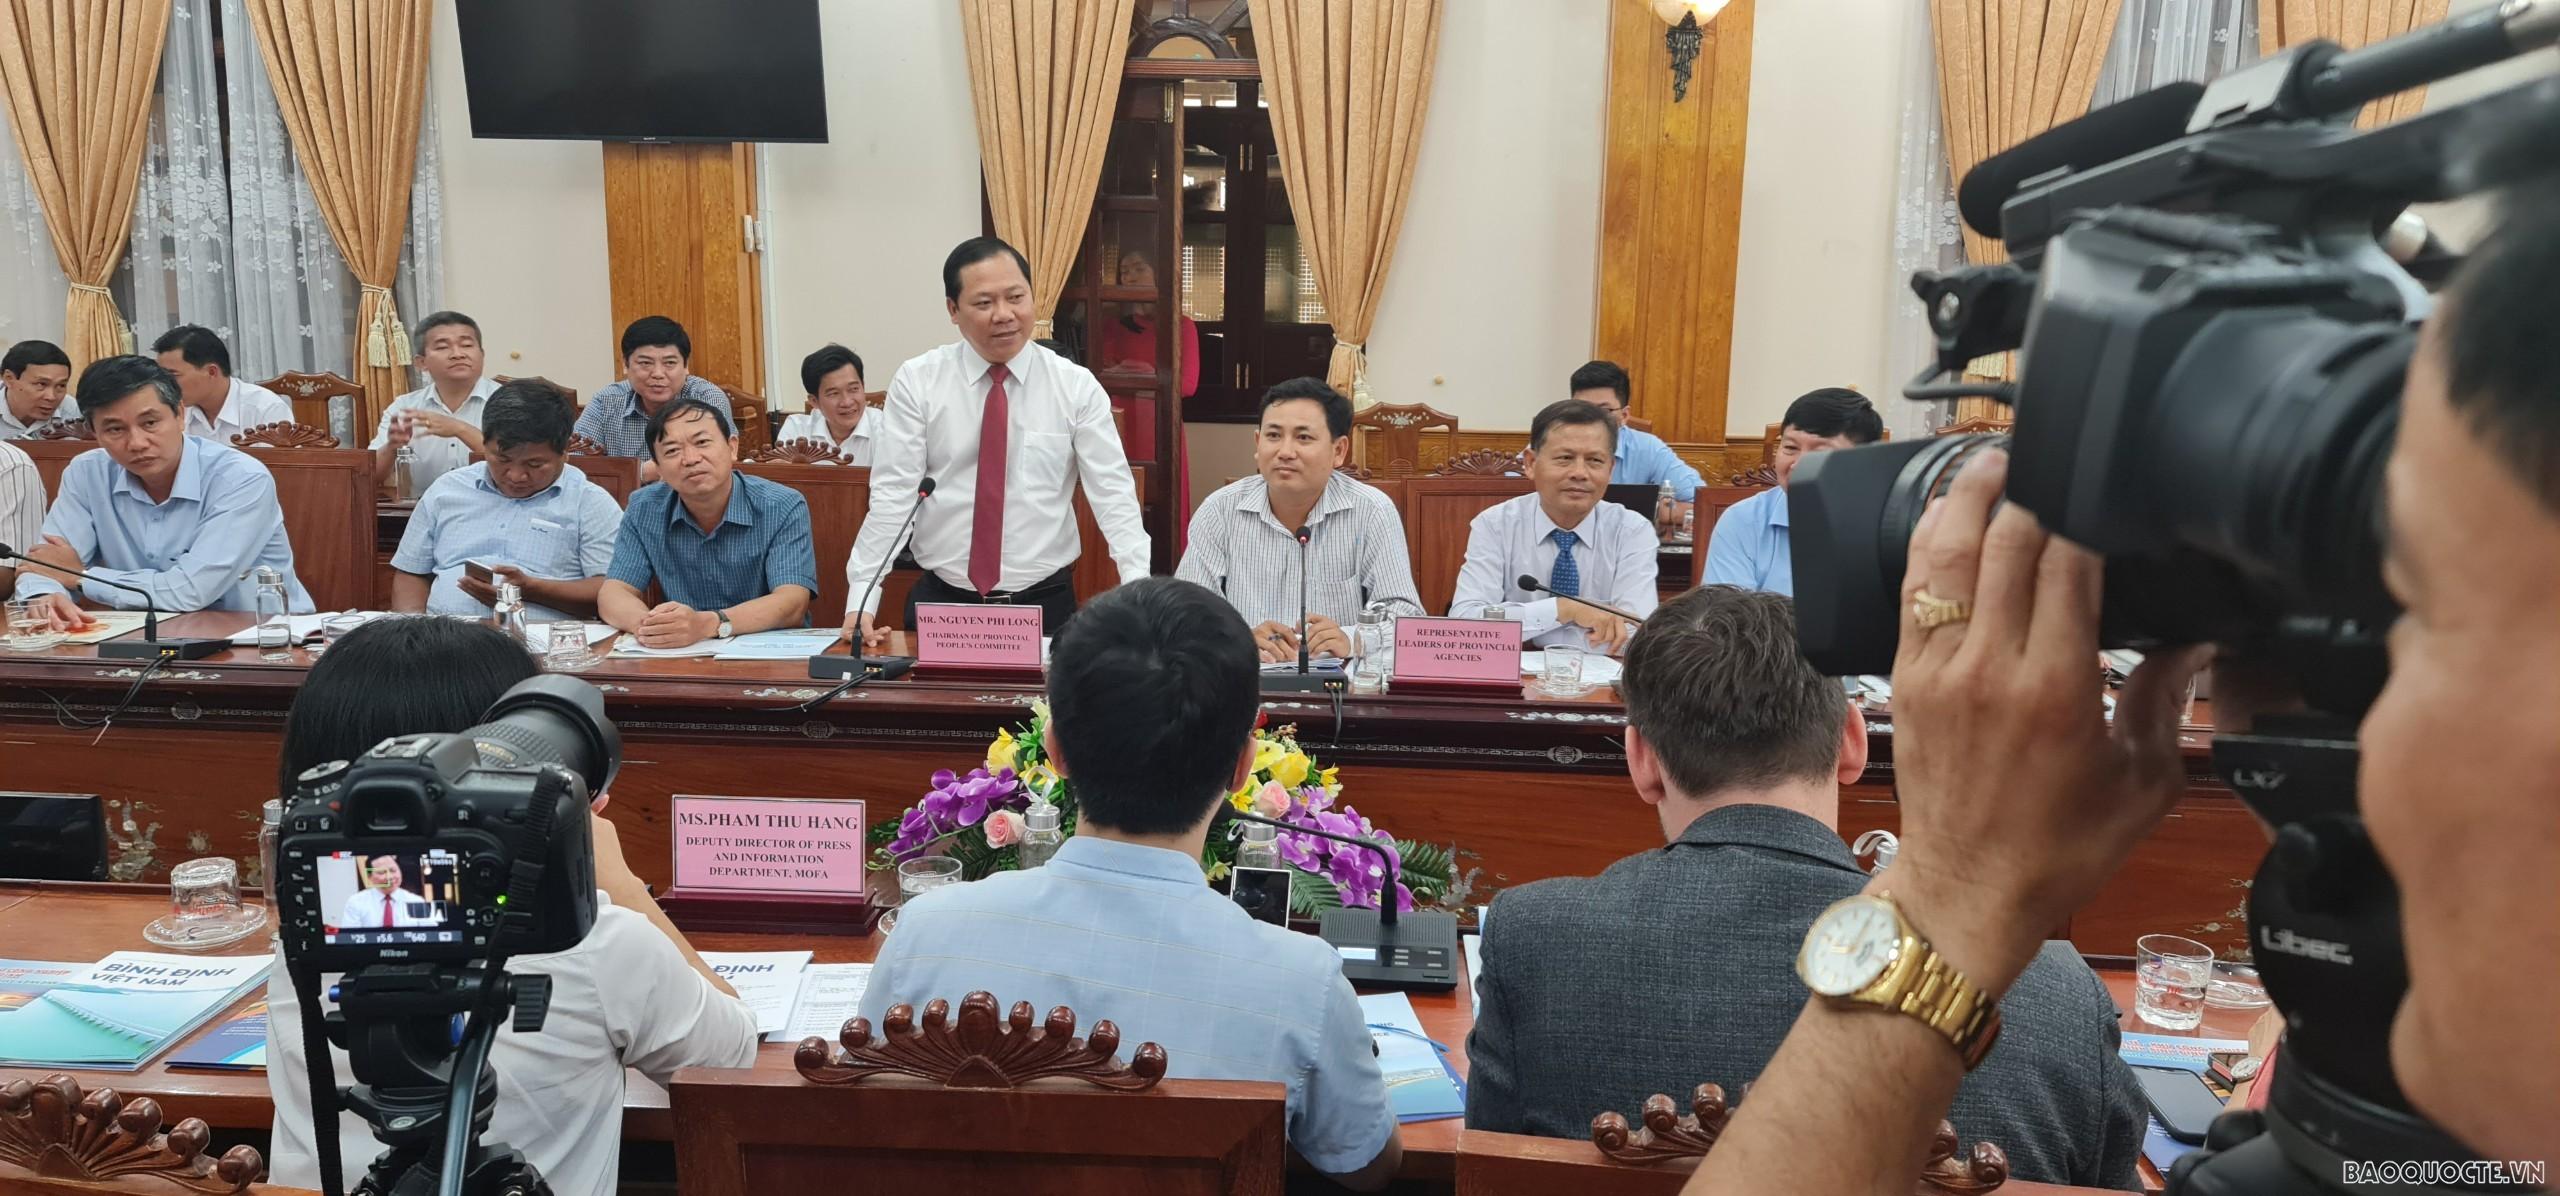 Đoàn công tác làm việc tại tỉnh Bình Định.